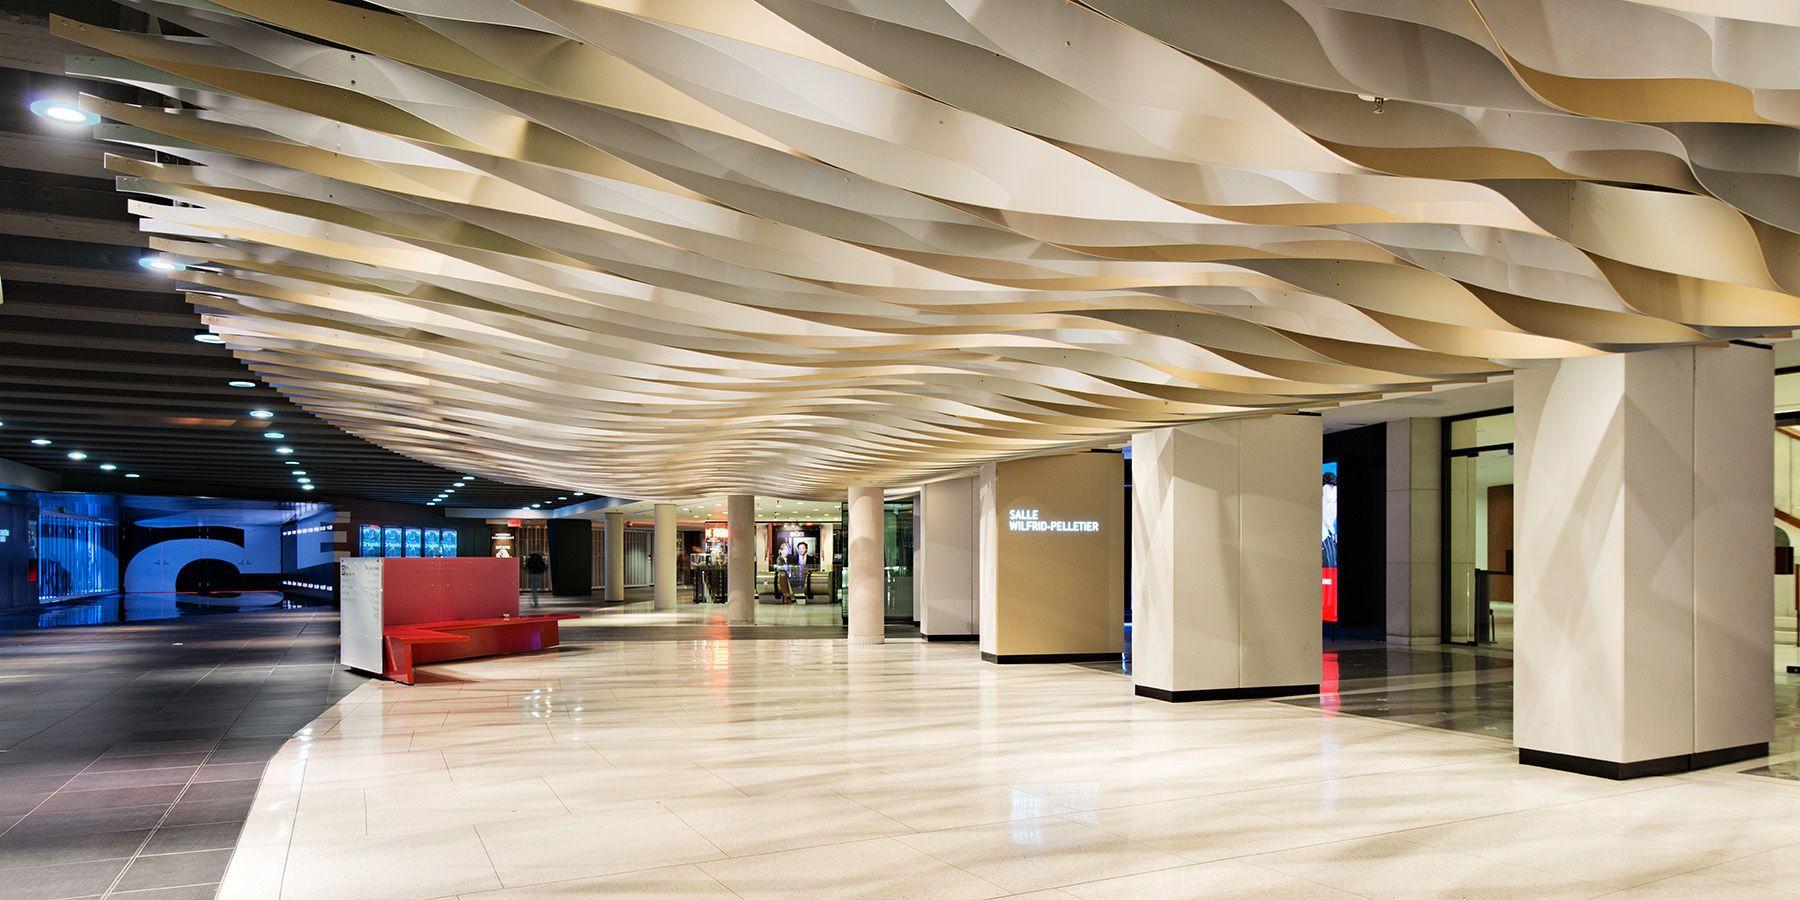 architecture interior design - google search | architecture